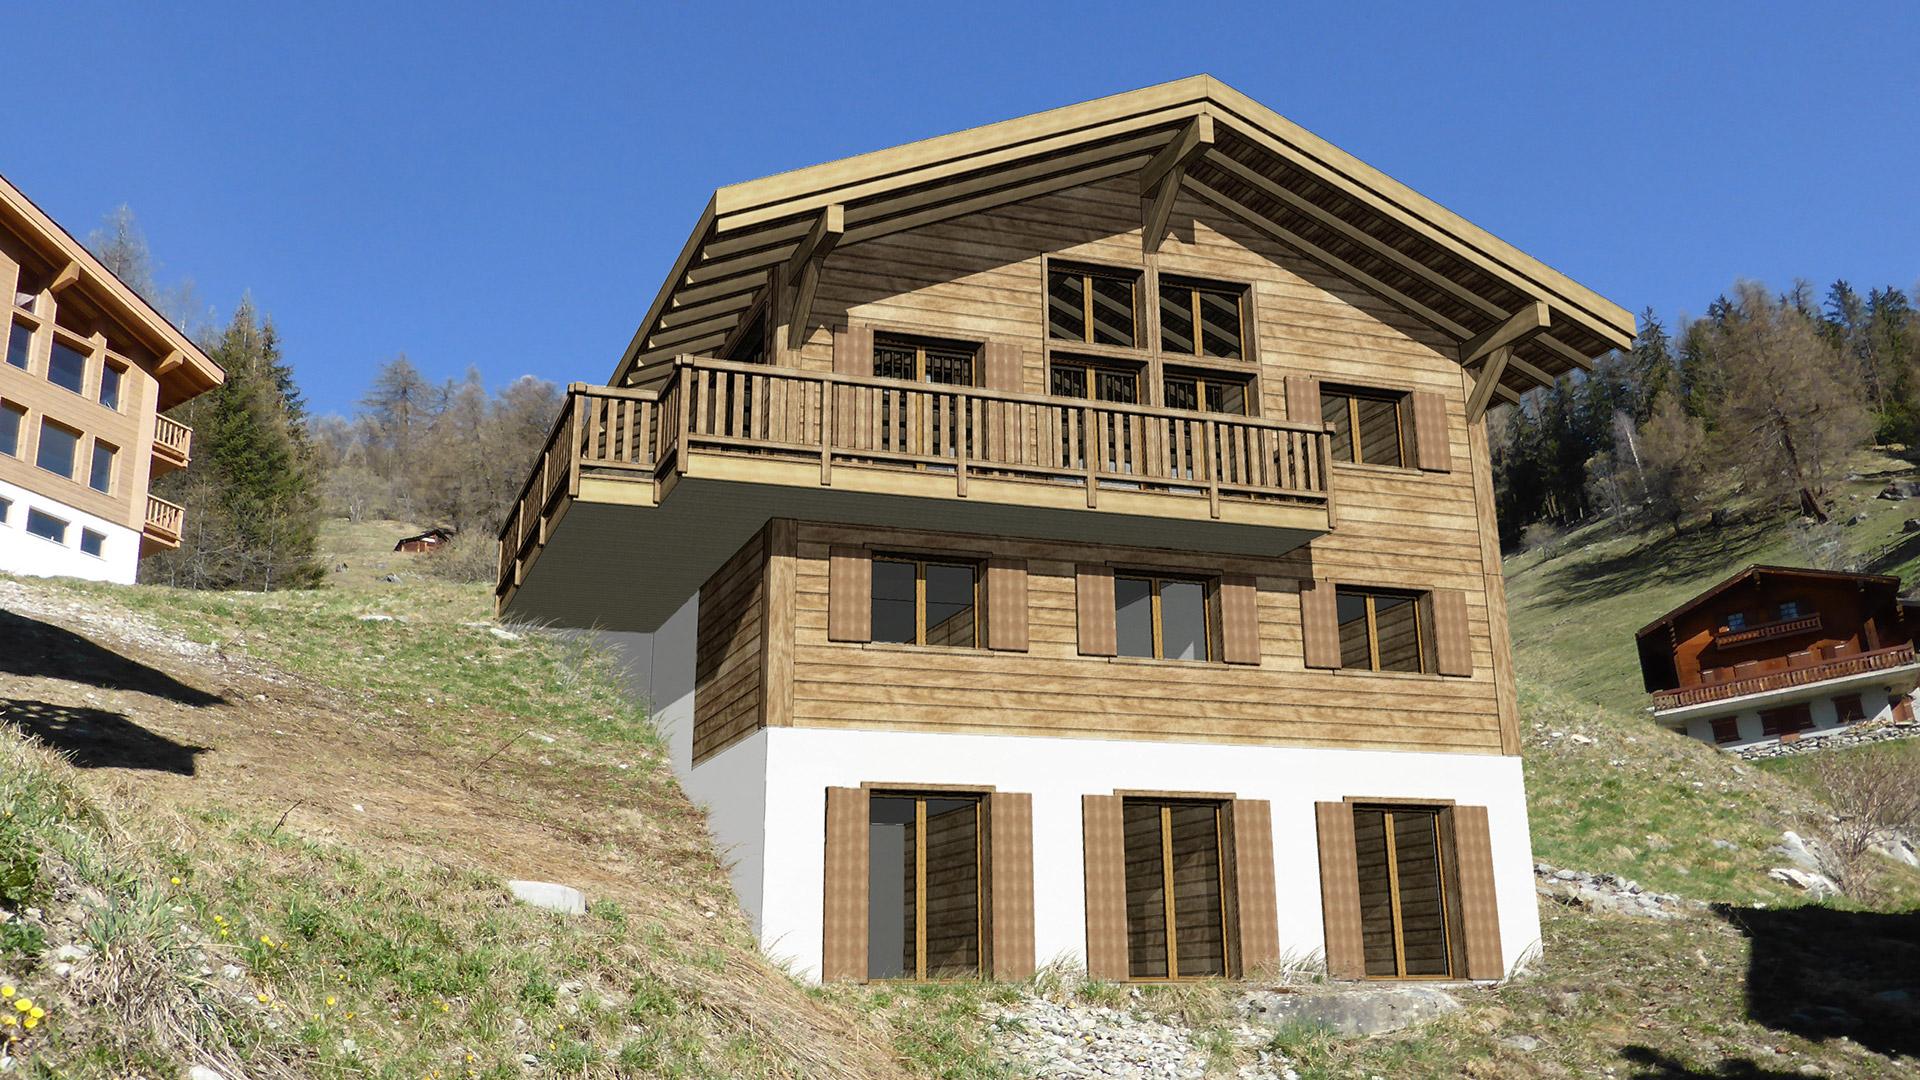 Chalet Petit-Bois Chalet, Switzerland